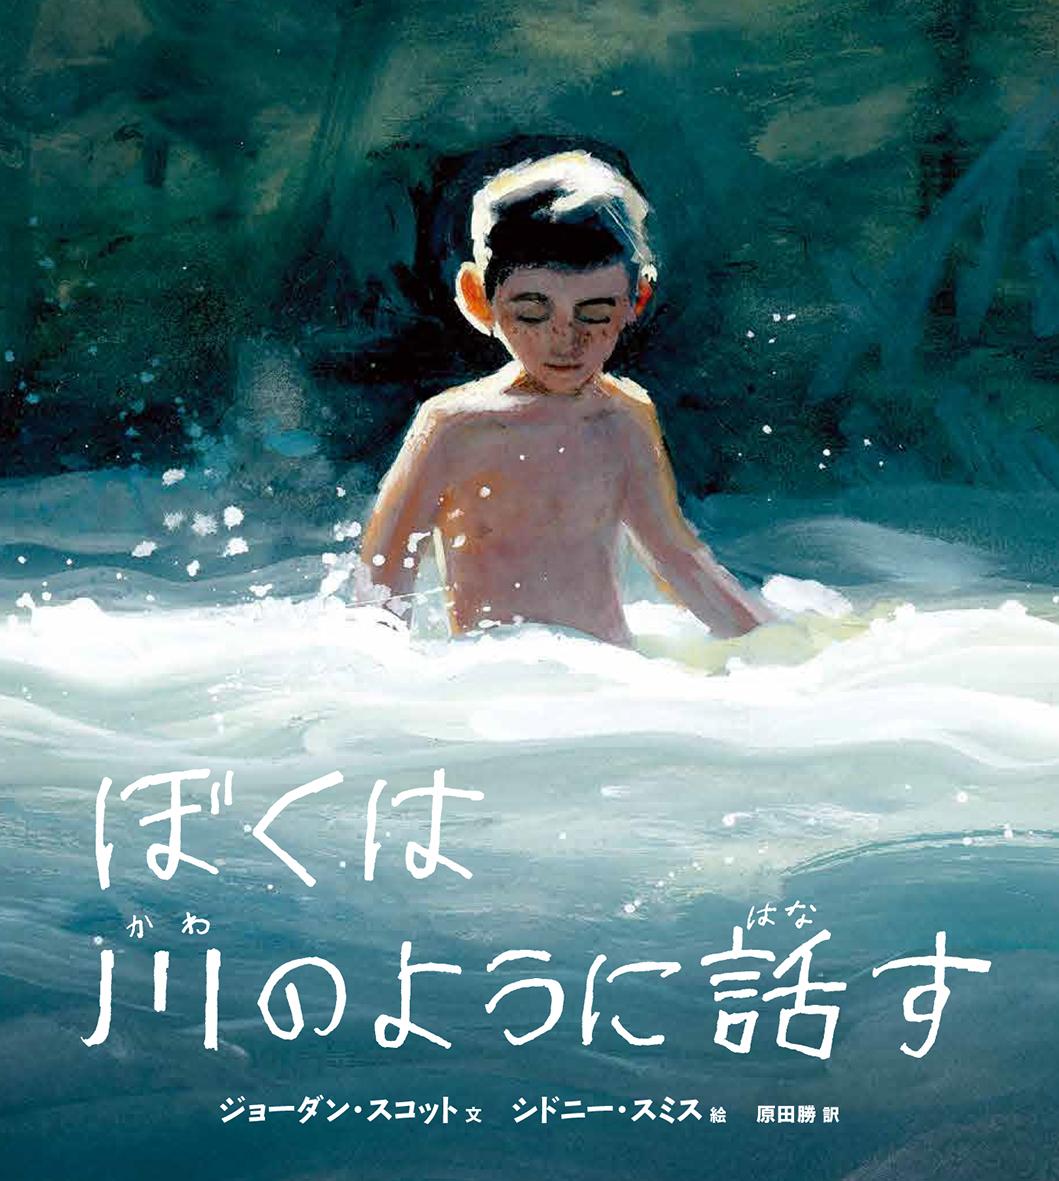 7/31(土)朝日新聞で『ぼくは川のように話す』が紹介されました